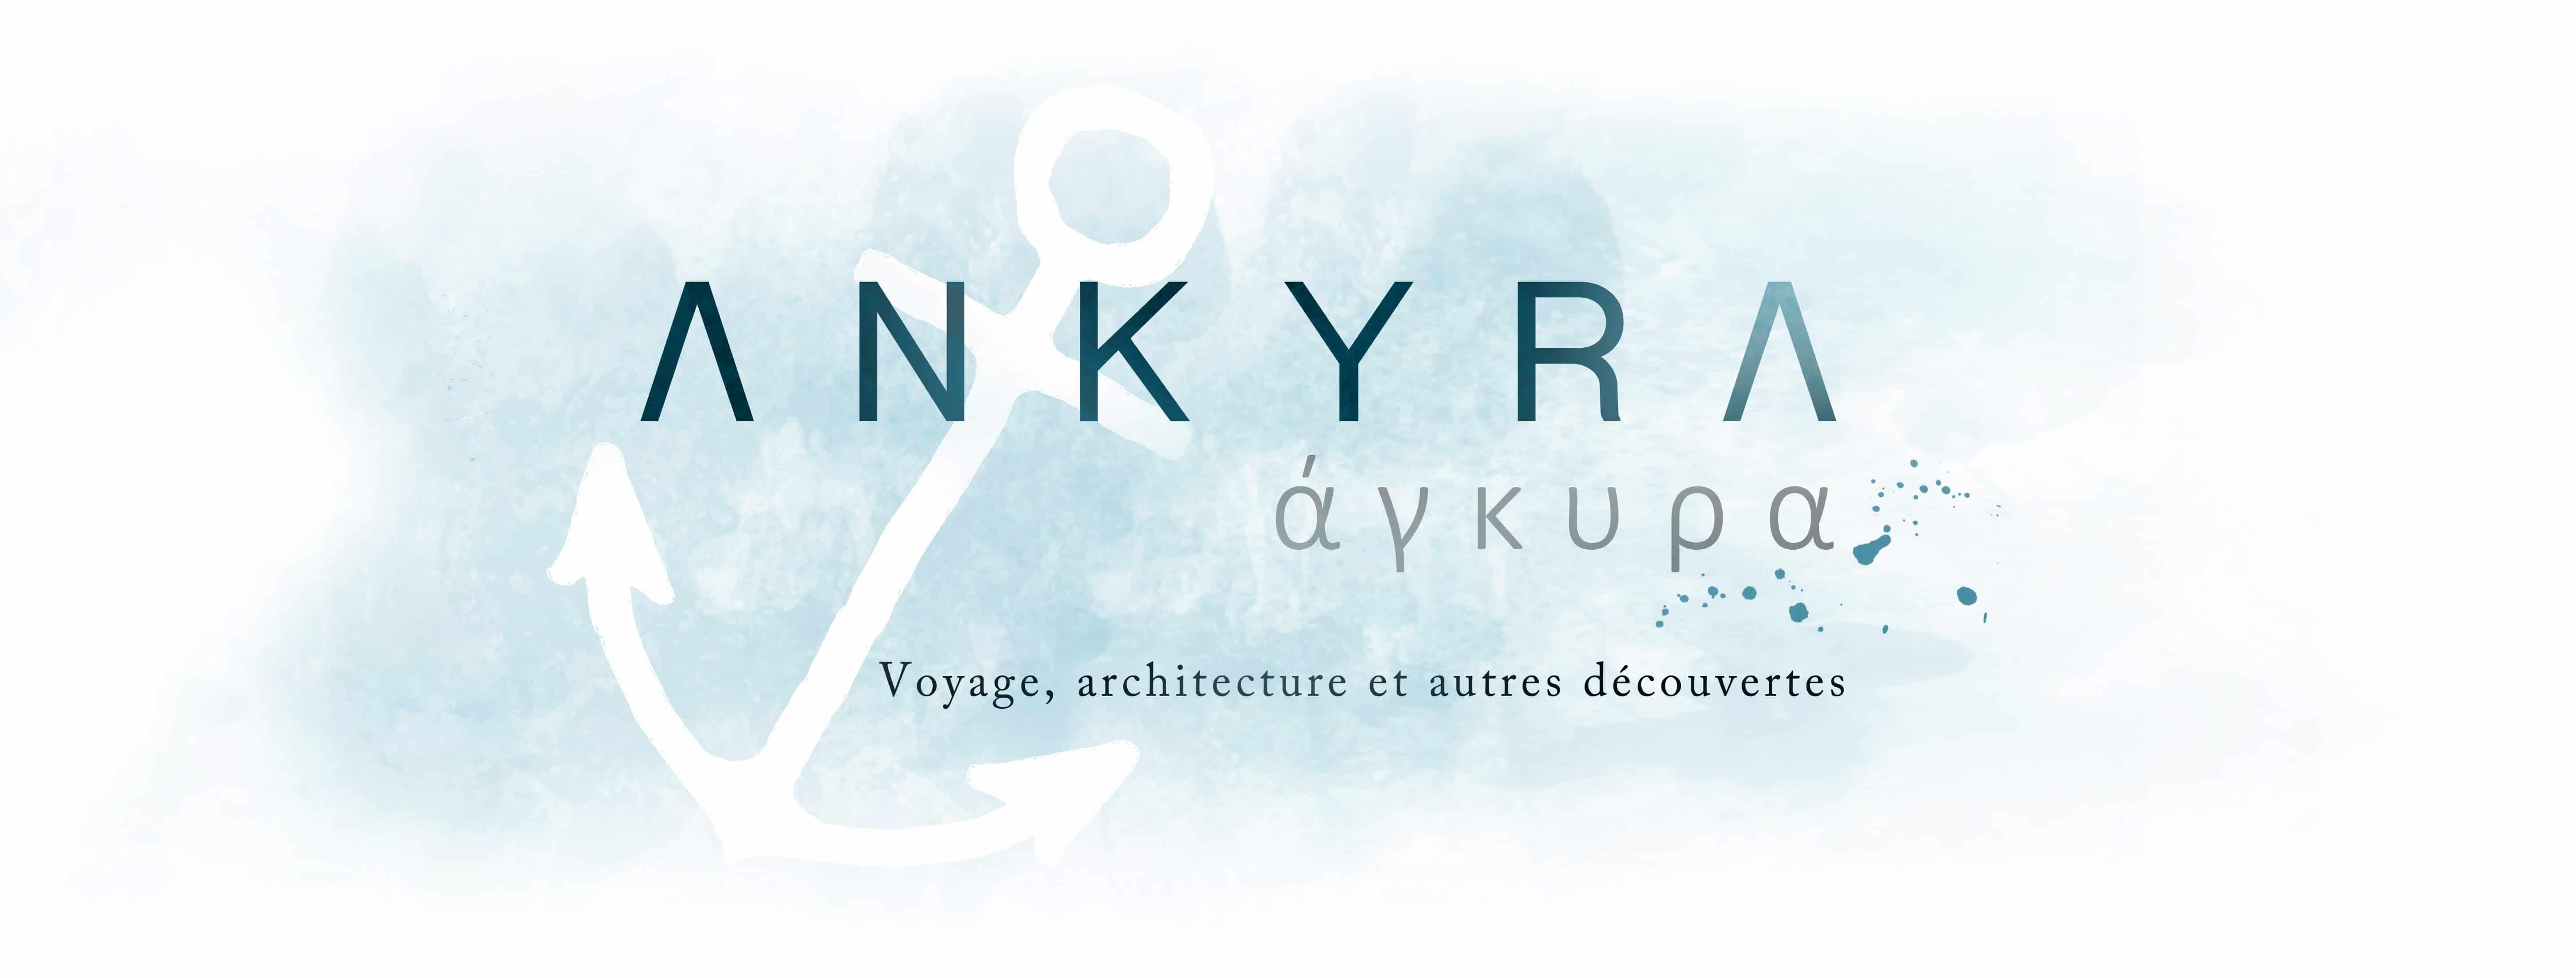 Ankyra - Blog de voyage